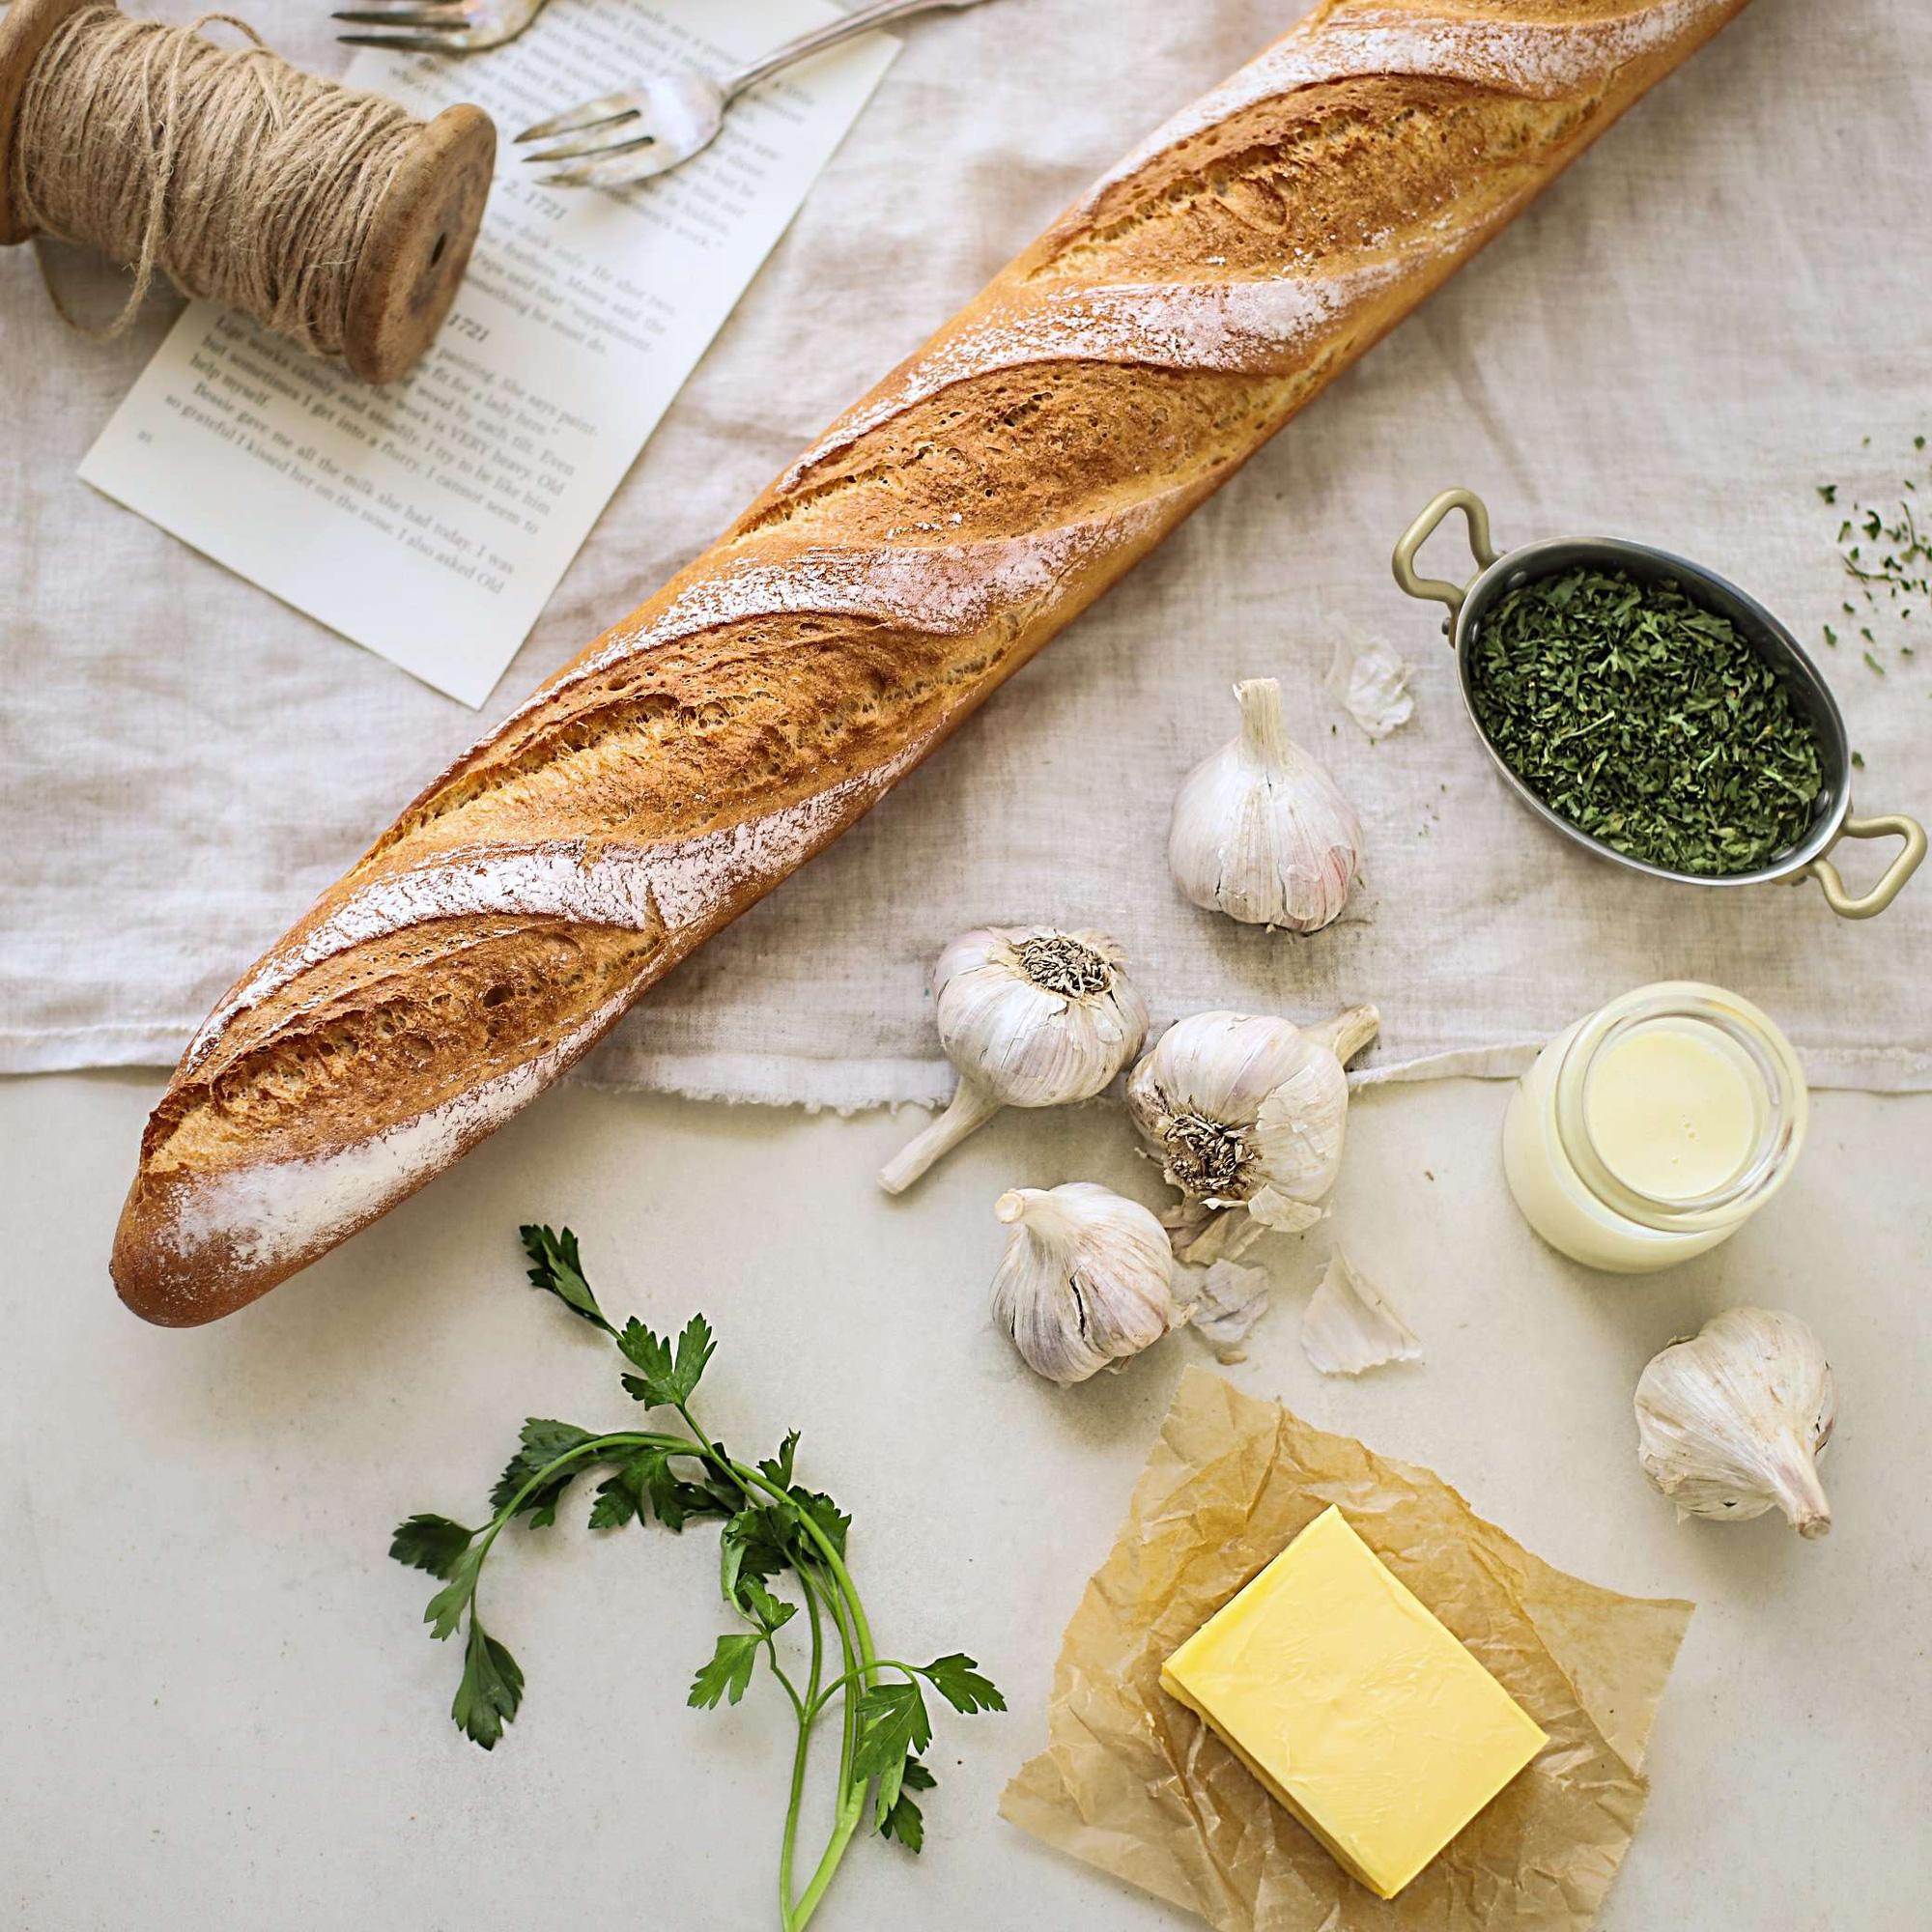 Chỉ 15 phút tôi chuẩn bị được món bánh mì nướng thơm ngon nhức nhối cho cả nhà ăn sáng! - Ảnh 1.